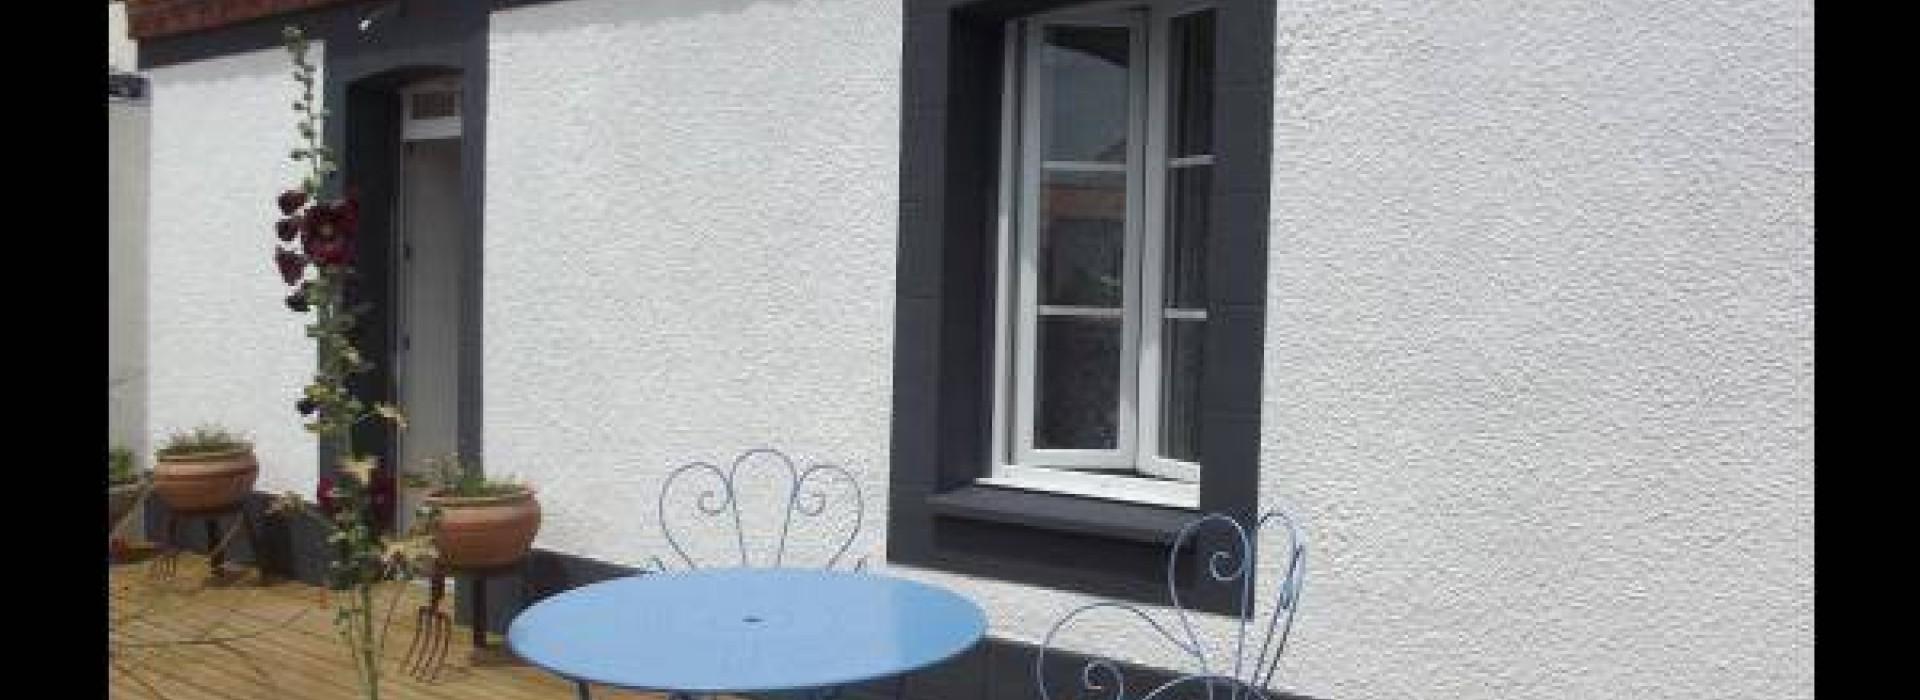 Chambres d 39 hotes le clos fleuri chambre lilas ile de - Chambres d hotes noirmoutier en l ile ...